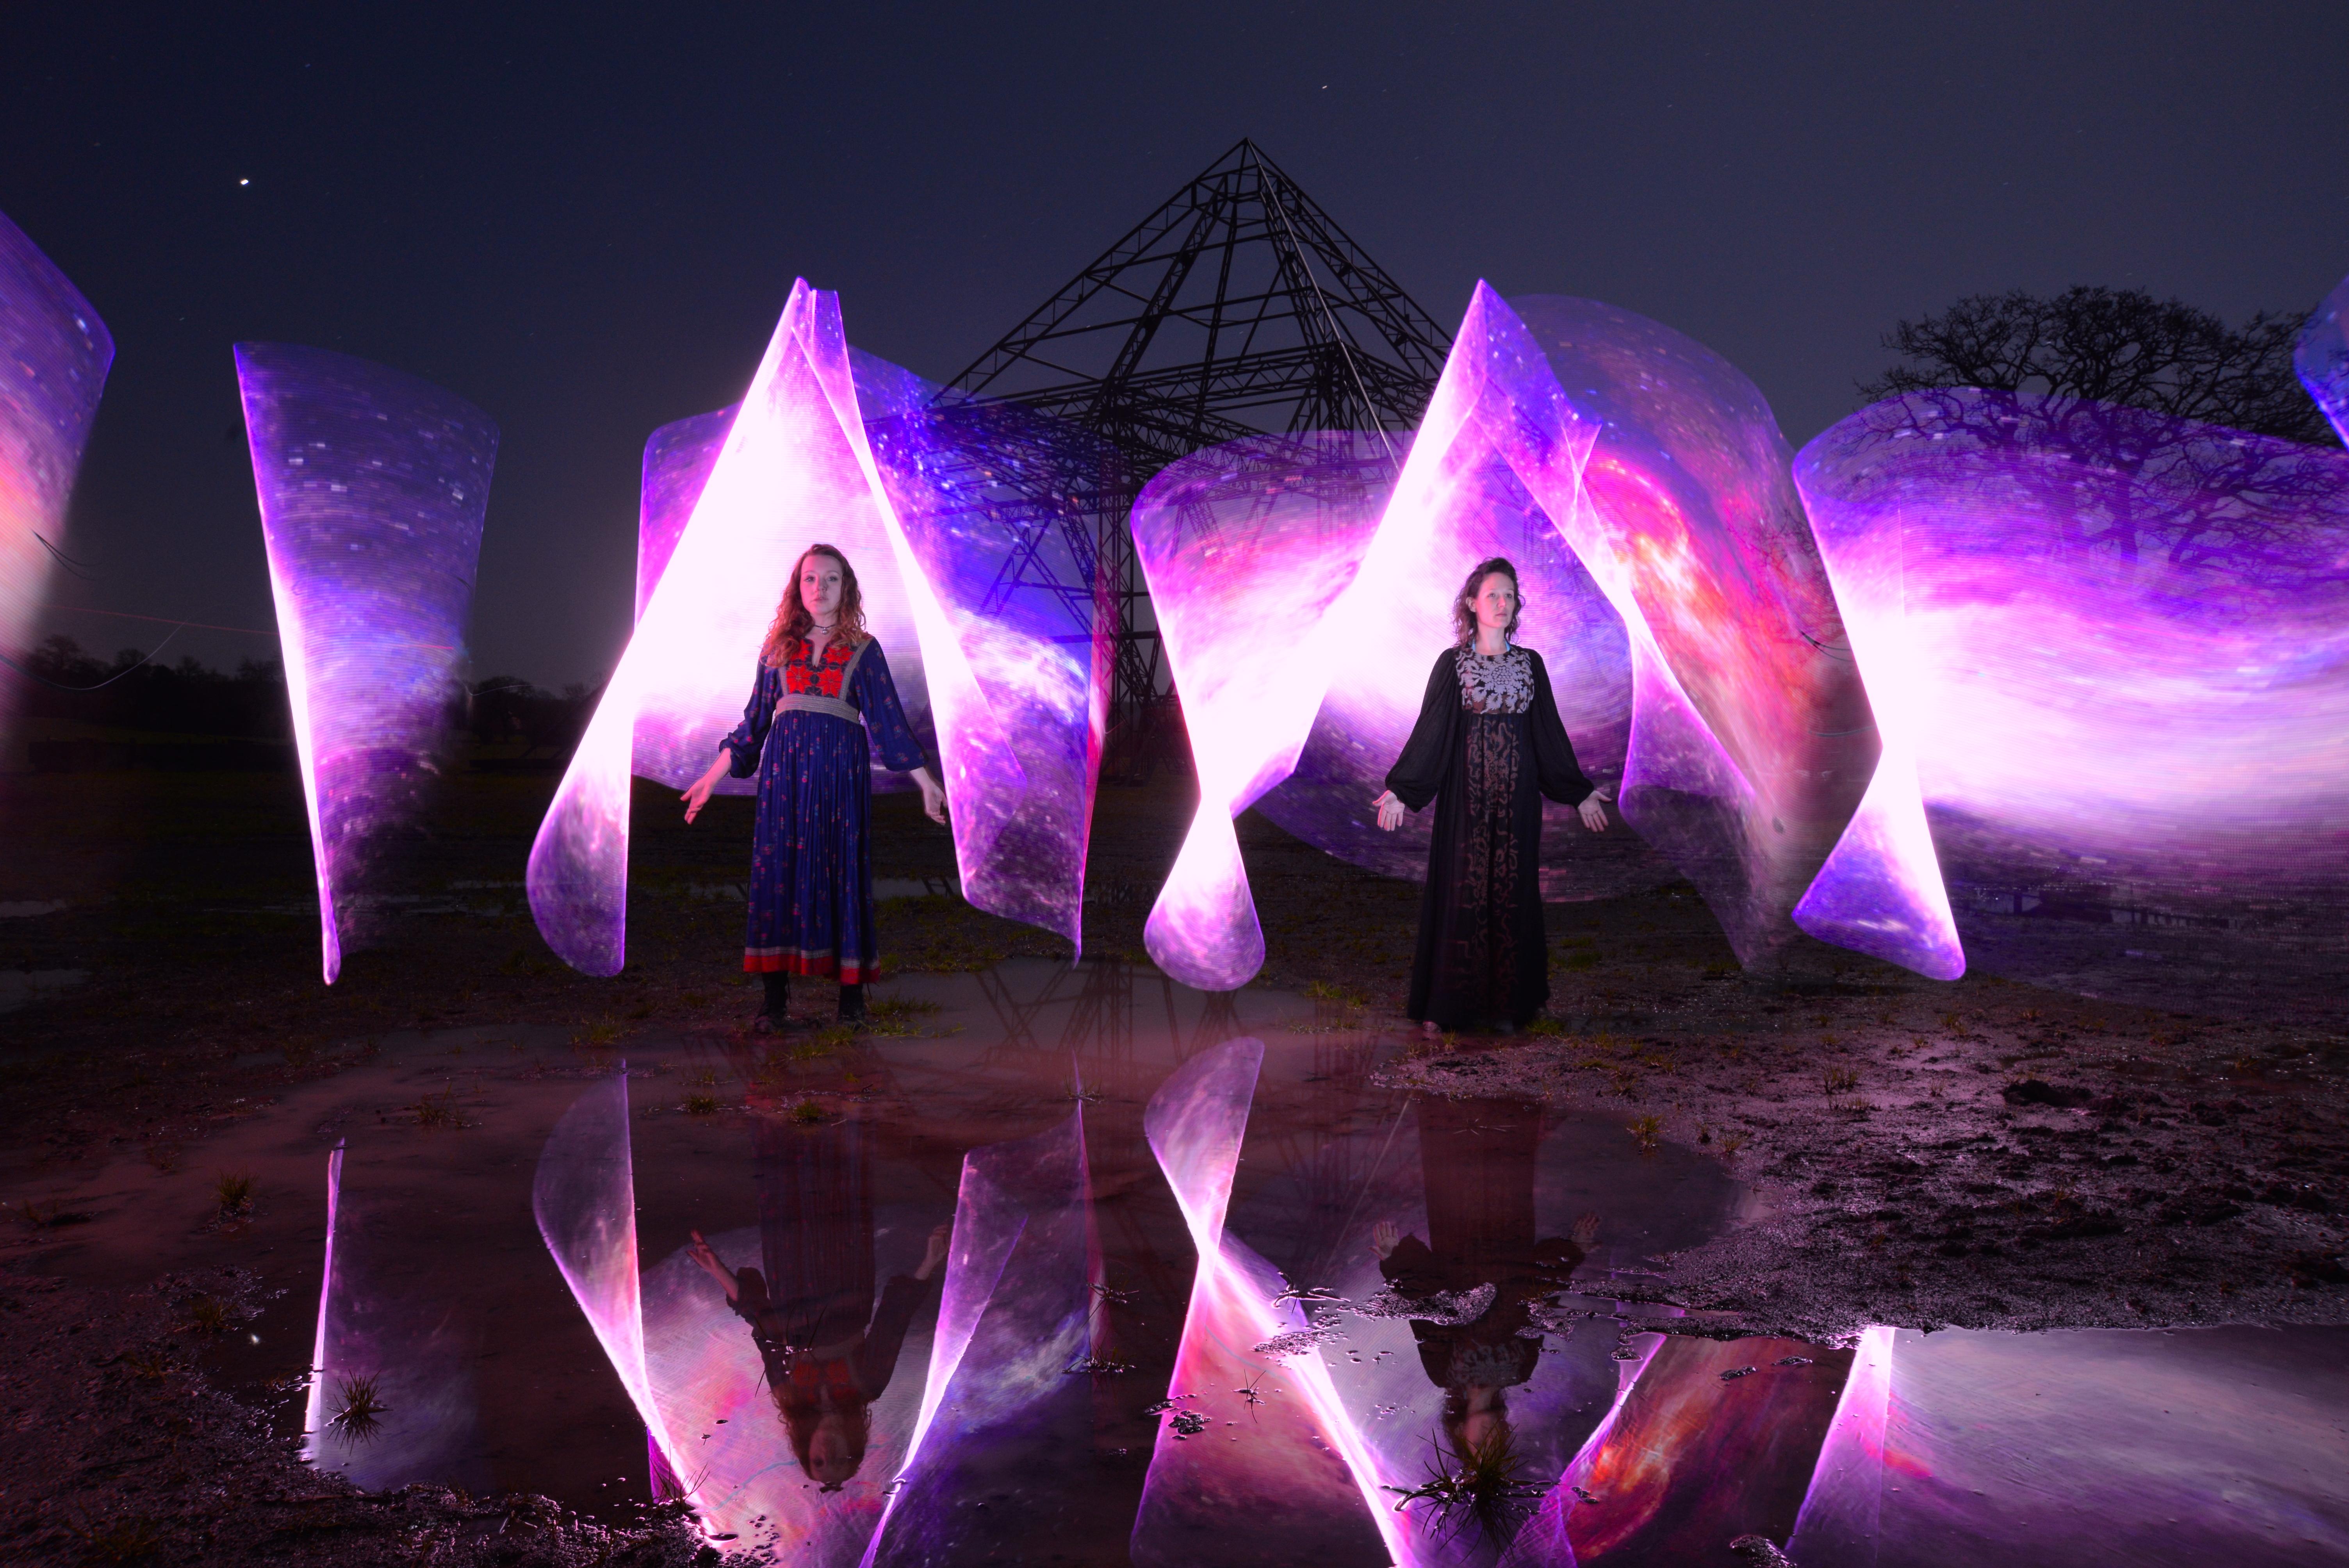 pyramid stage light painting pixelstick jolene tasha purple galaxy.jpeg